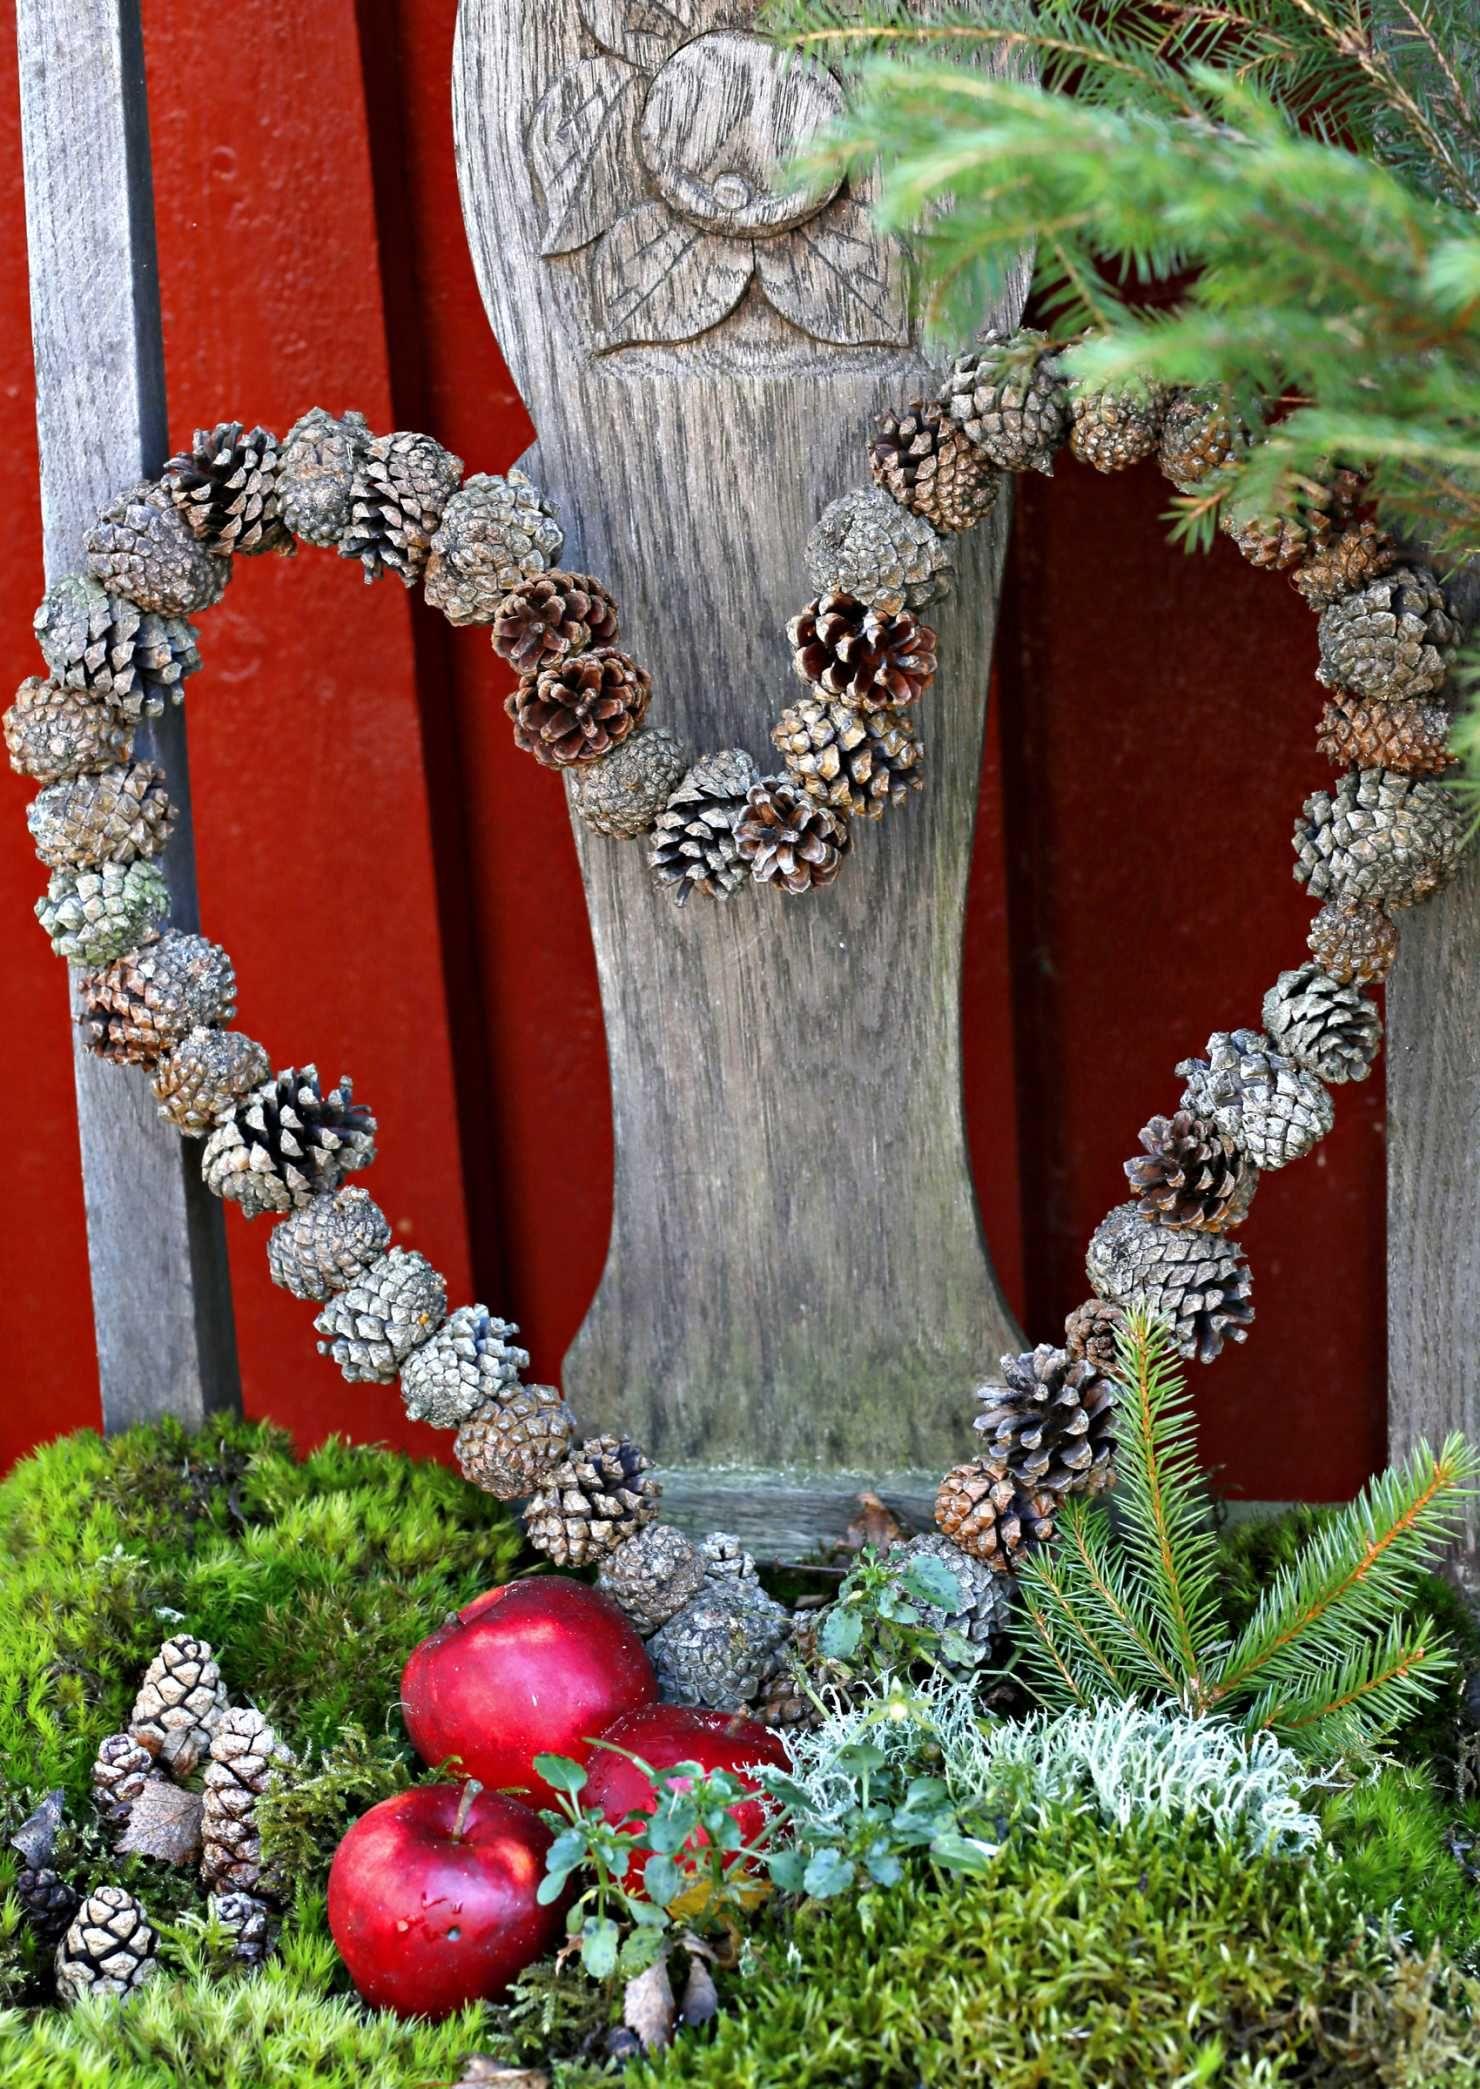 Tee hurmaavat joulukoristeet kävyistä ja havuista – 12